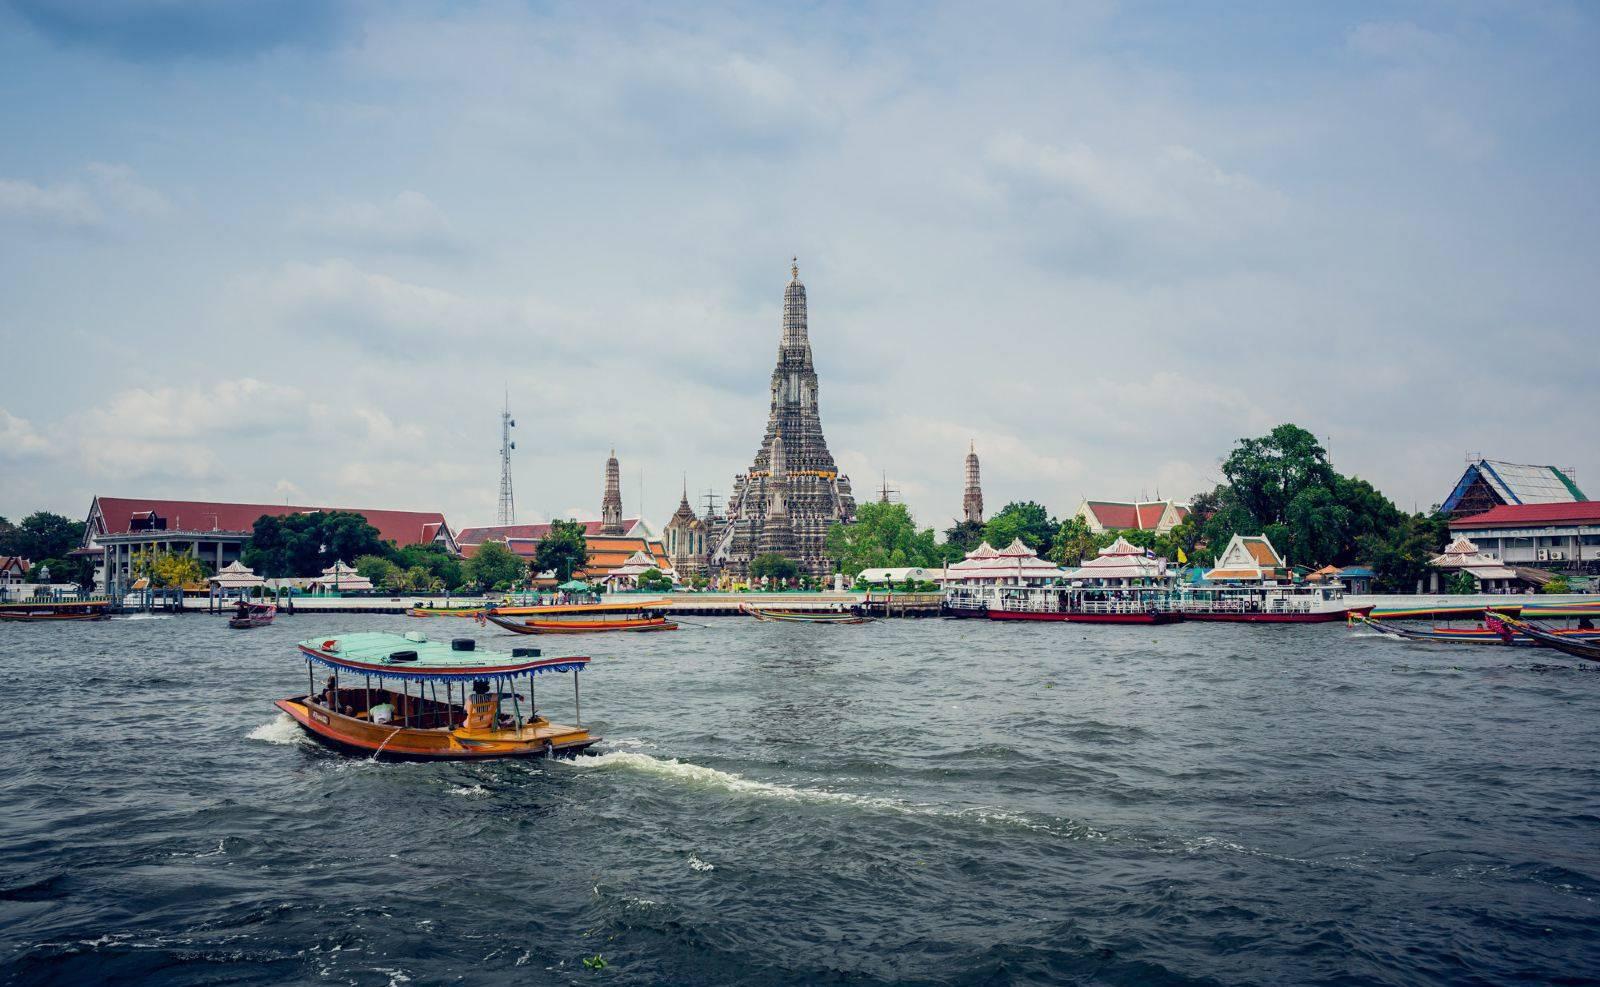 【星泰度】泰国曼谷 芭提雅 大皇宫 珊瑚岛 金沙岛 游轮All-star ship 双飞六天